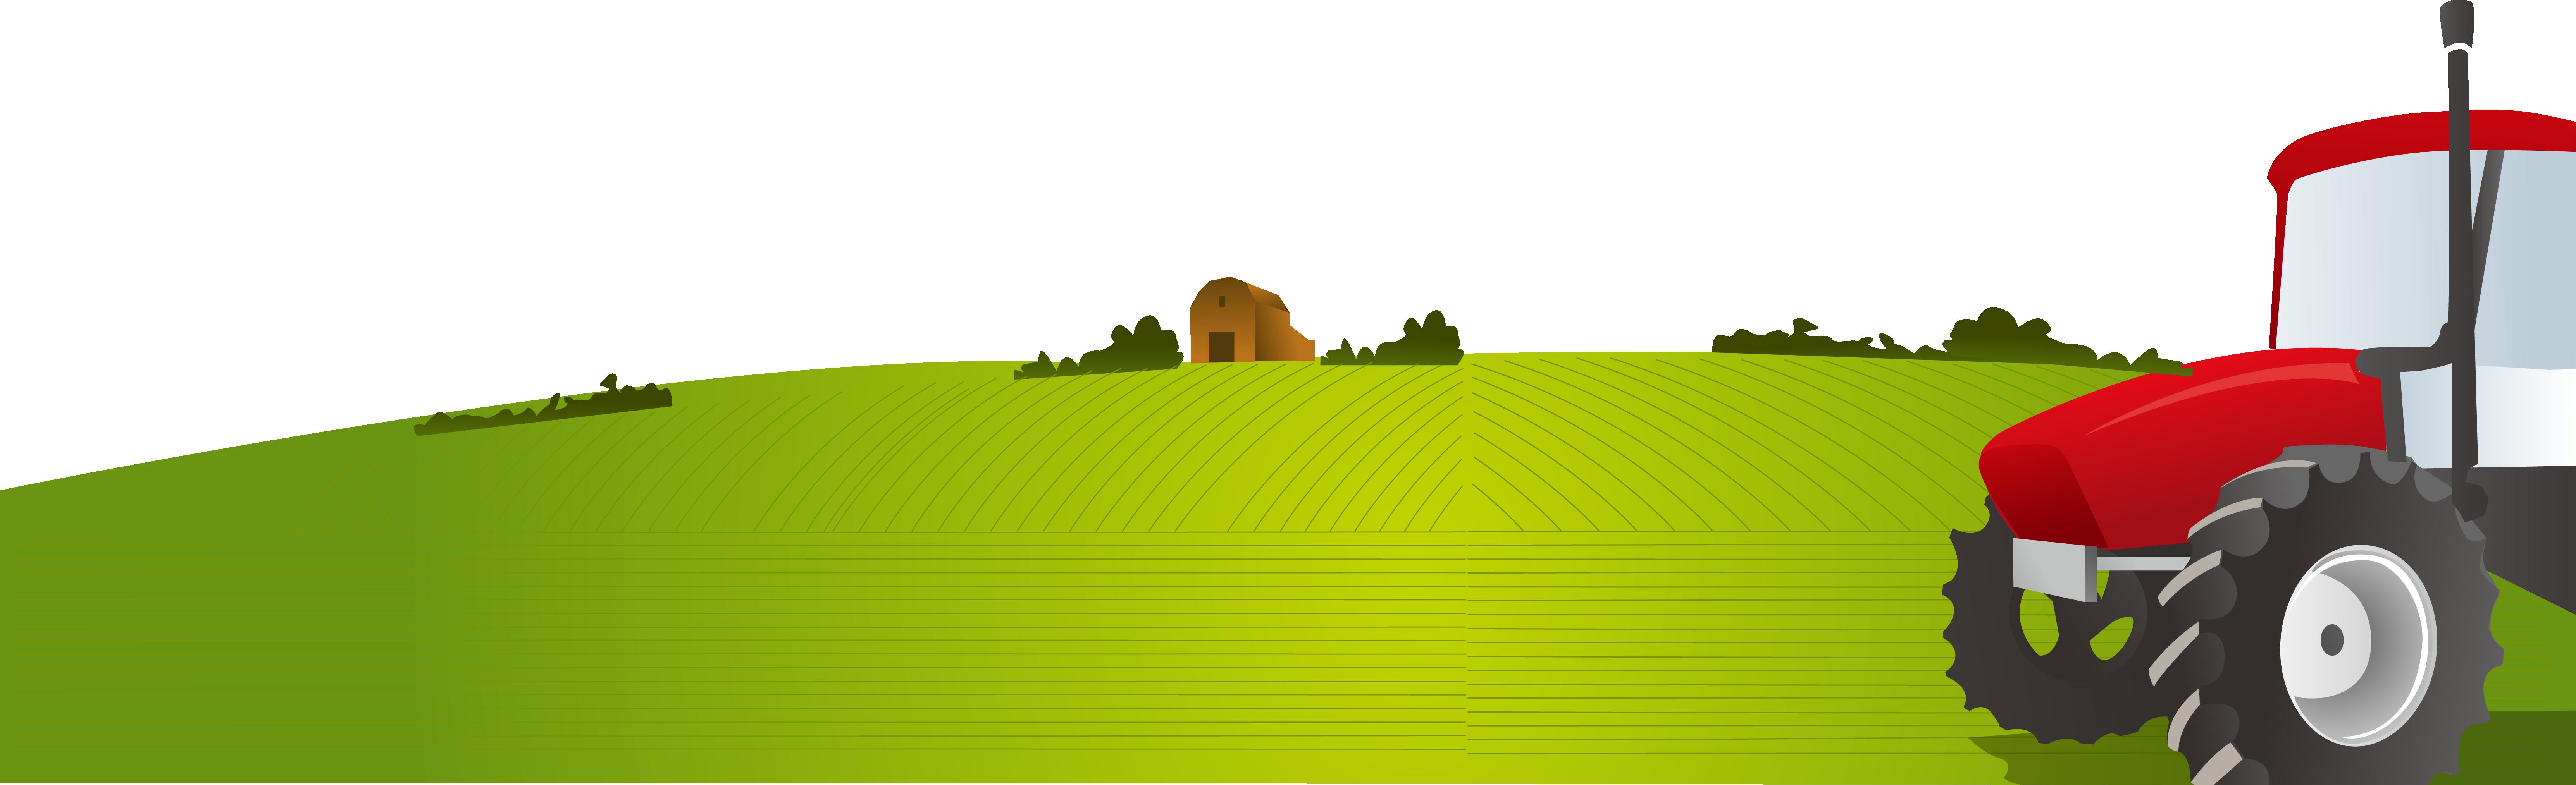 Farm Landscape Agriculture.